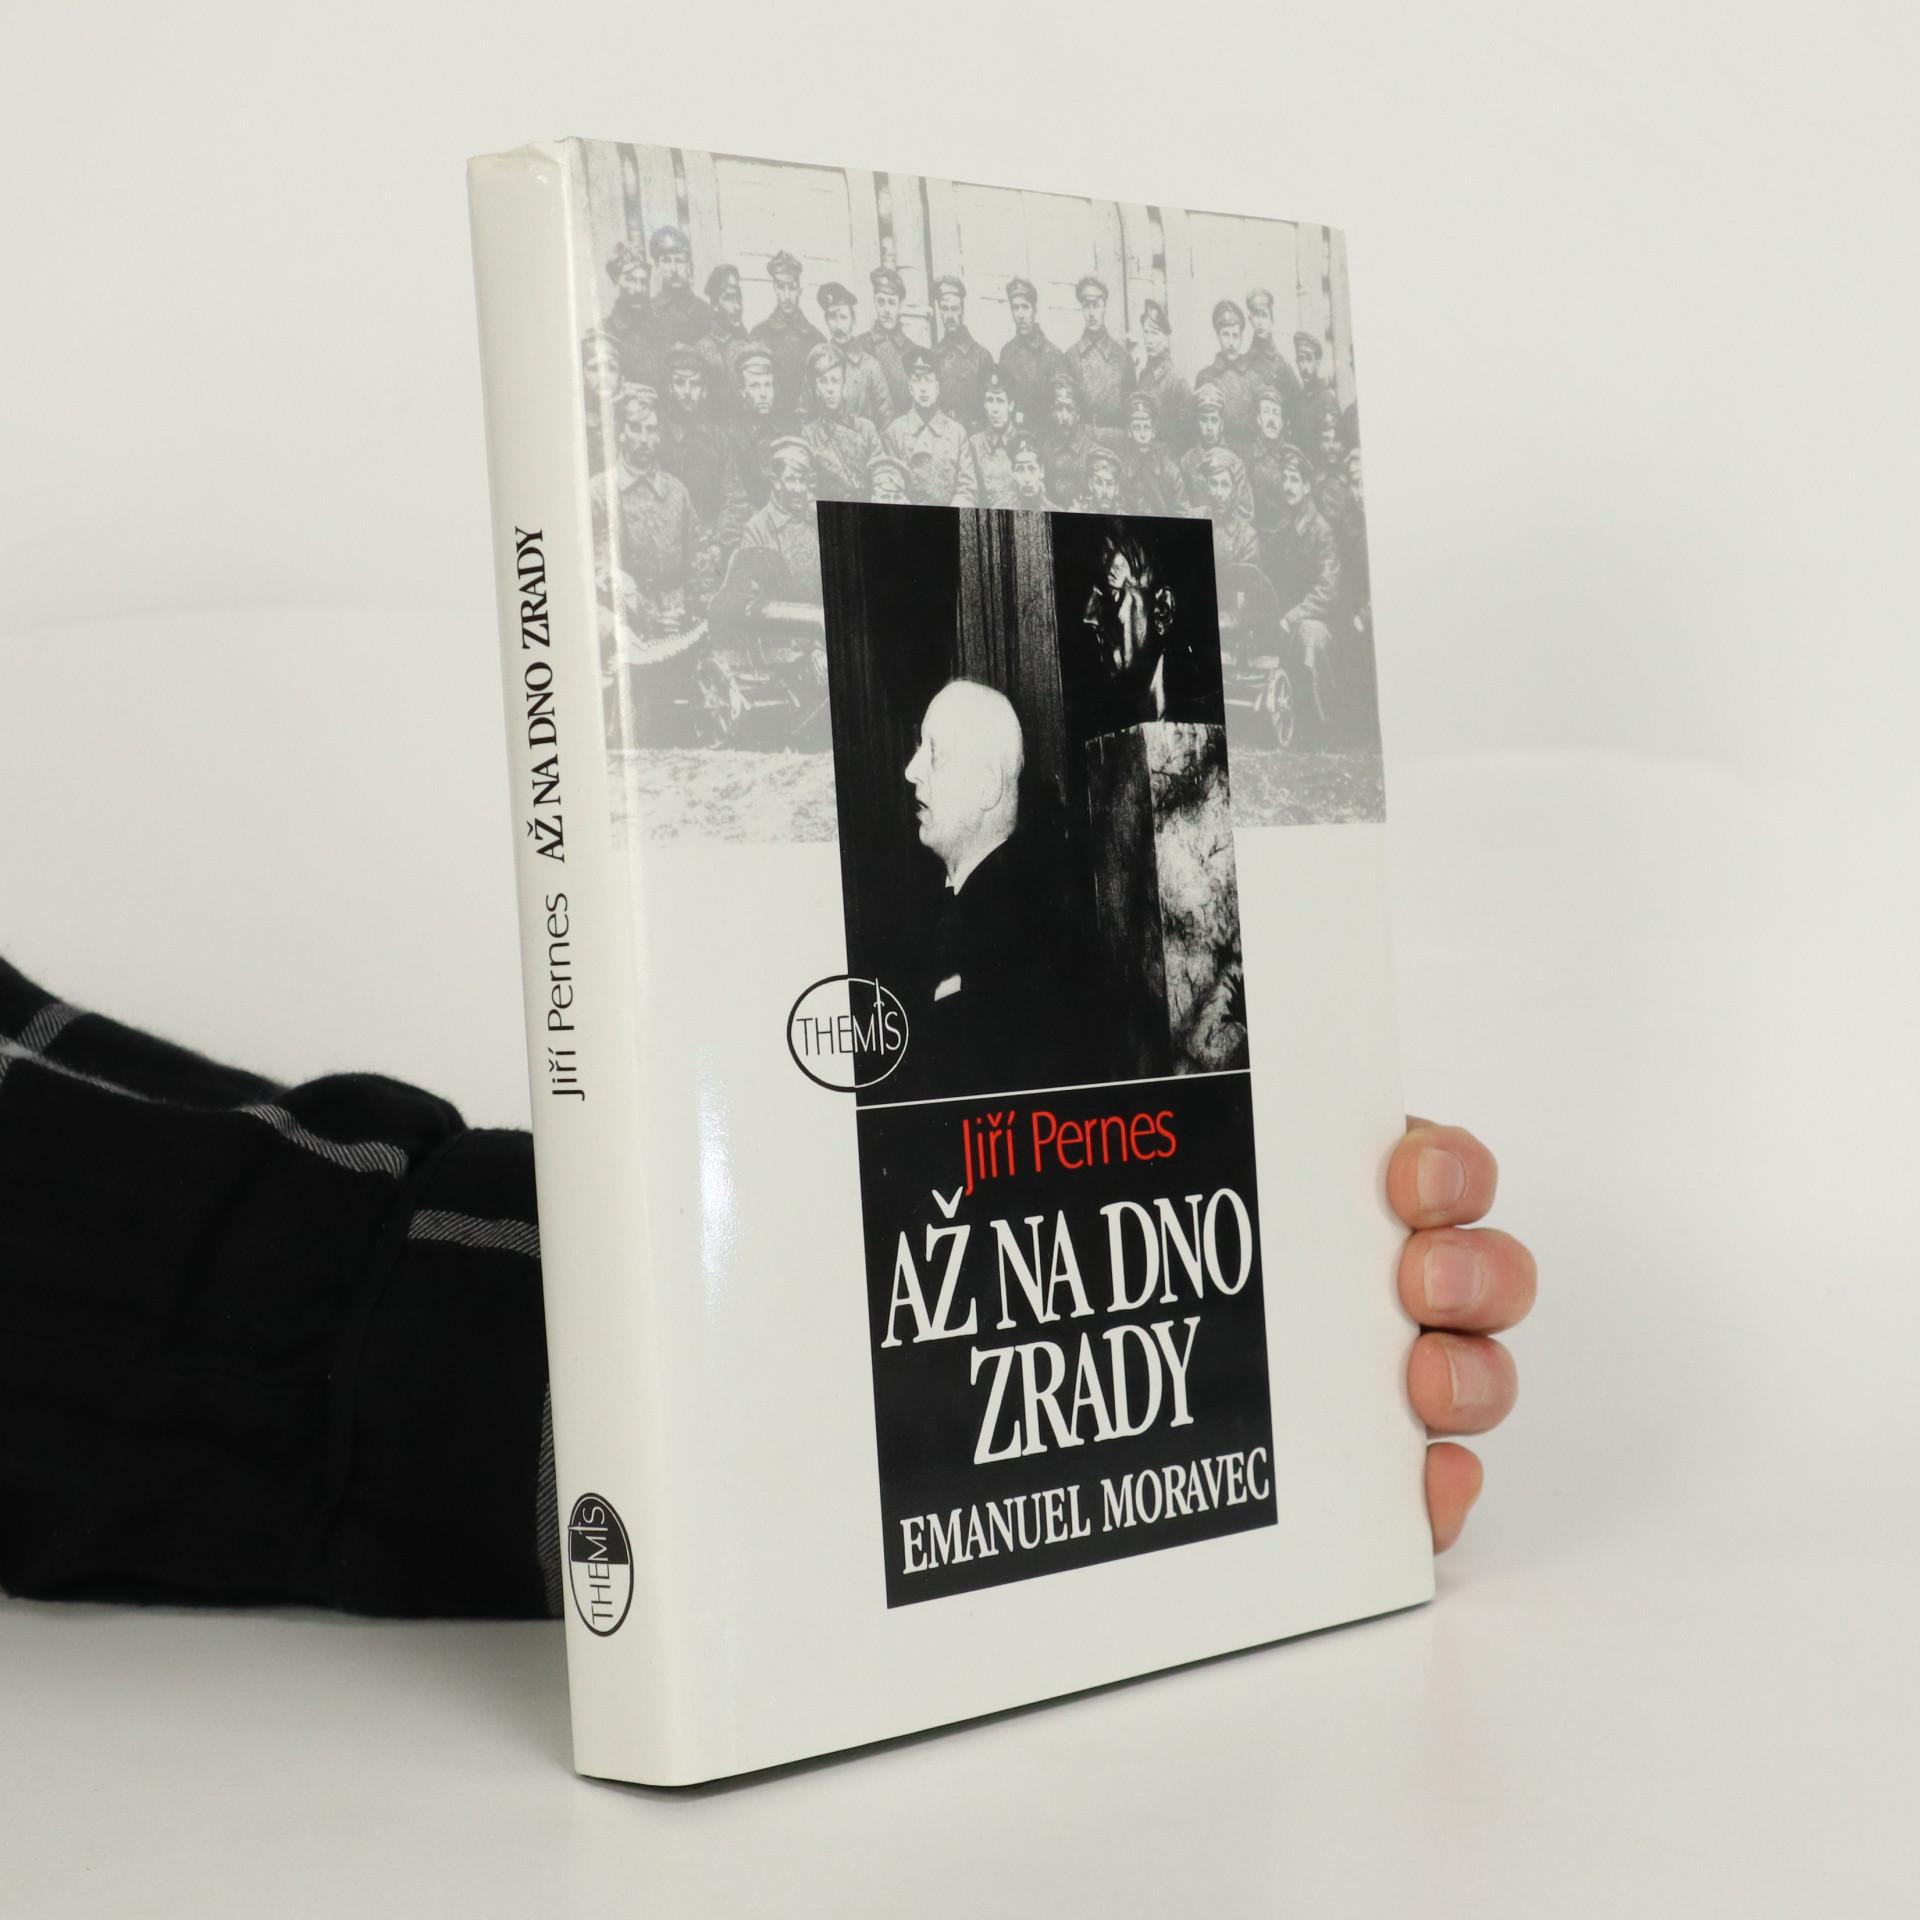 antikvární kniha Až na dno zrady. Emanuel Moravec, 1997